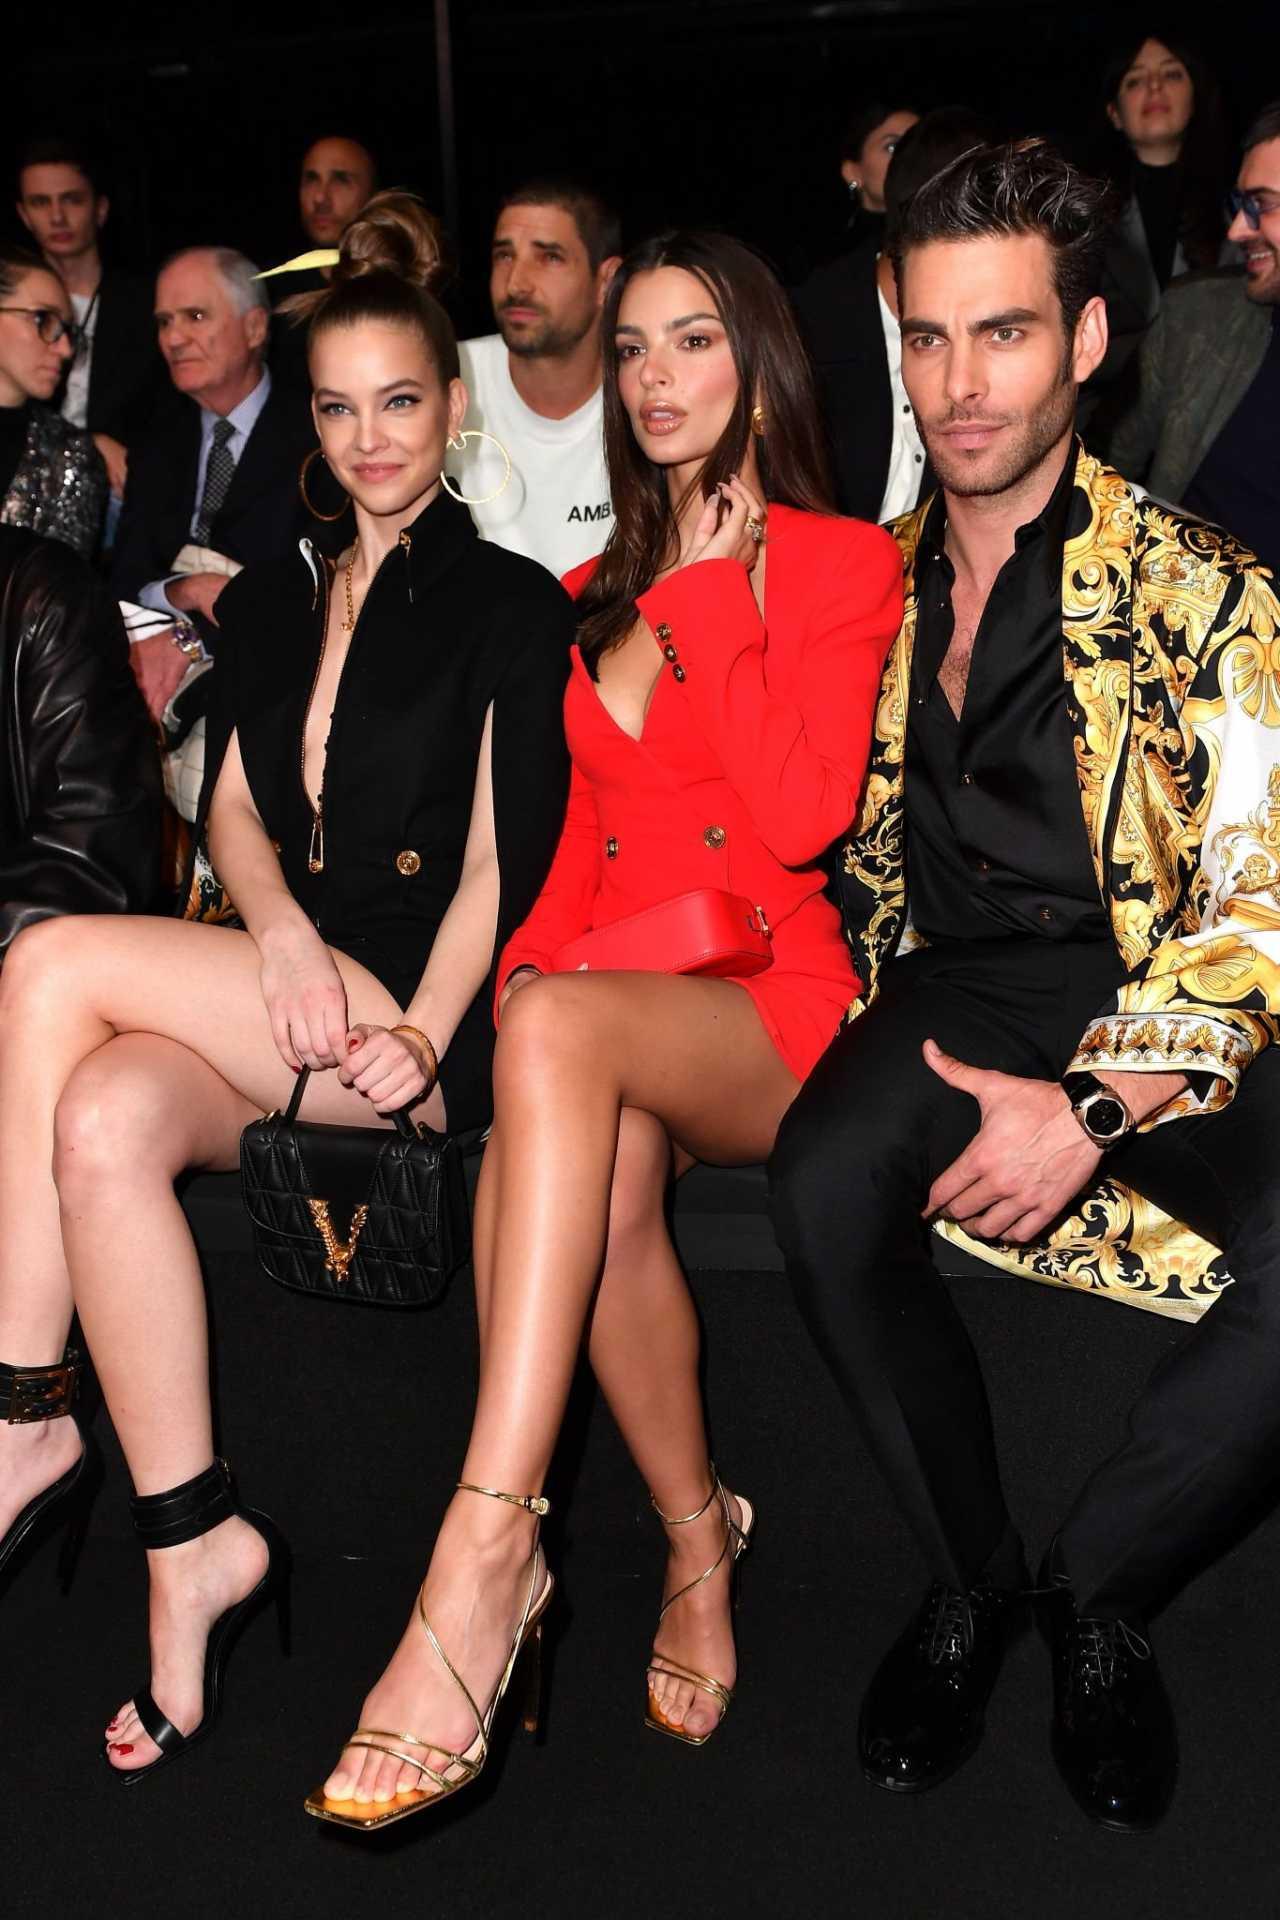 Emily Ratajkowski 2020 : Emily Ratajkowski – In red at Versace Fashion Show in Milan February-15